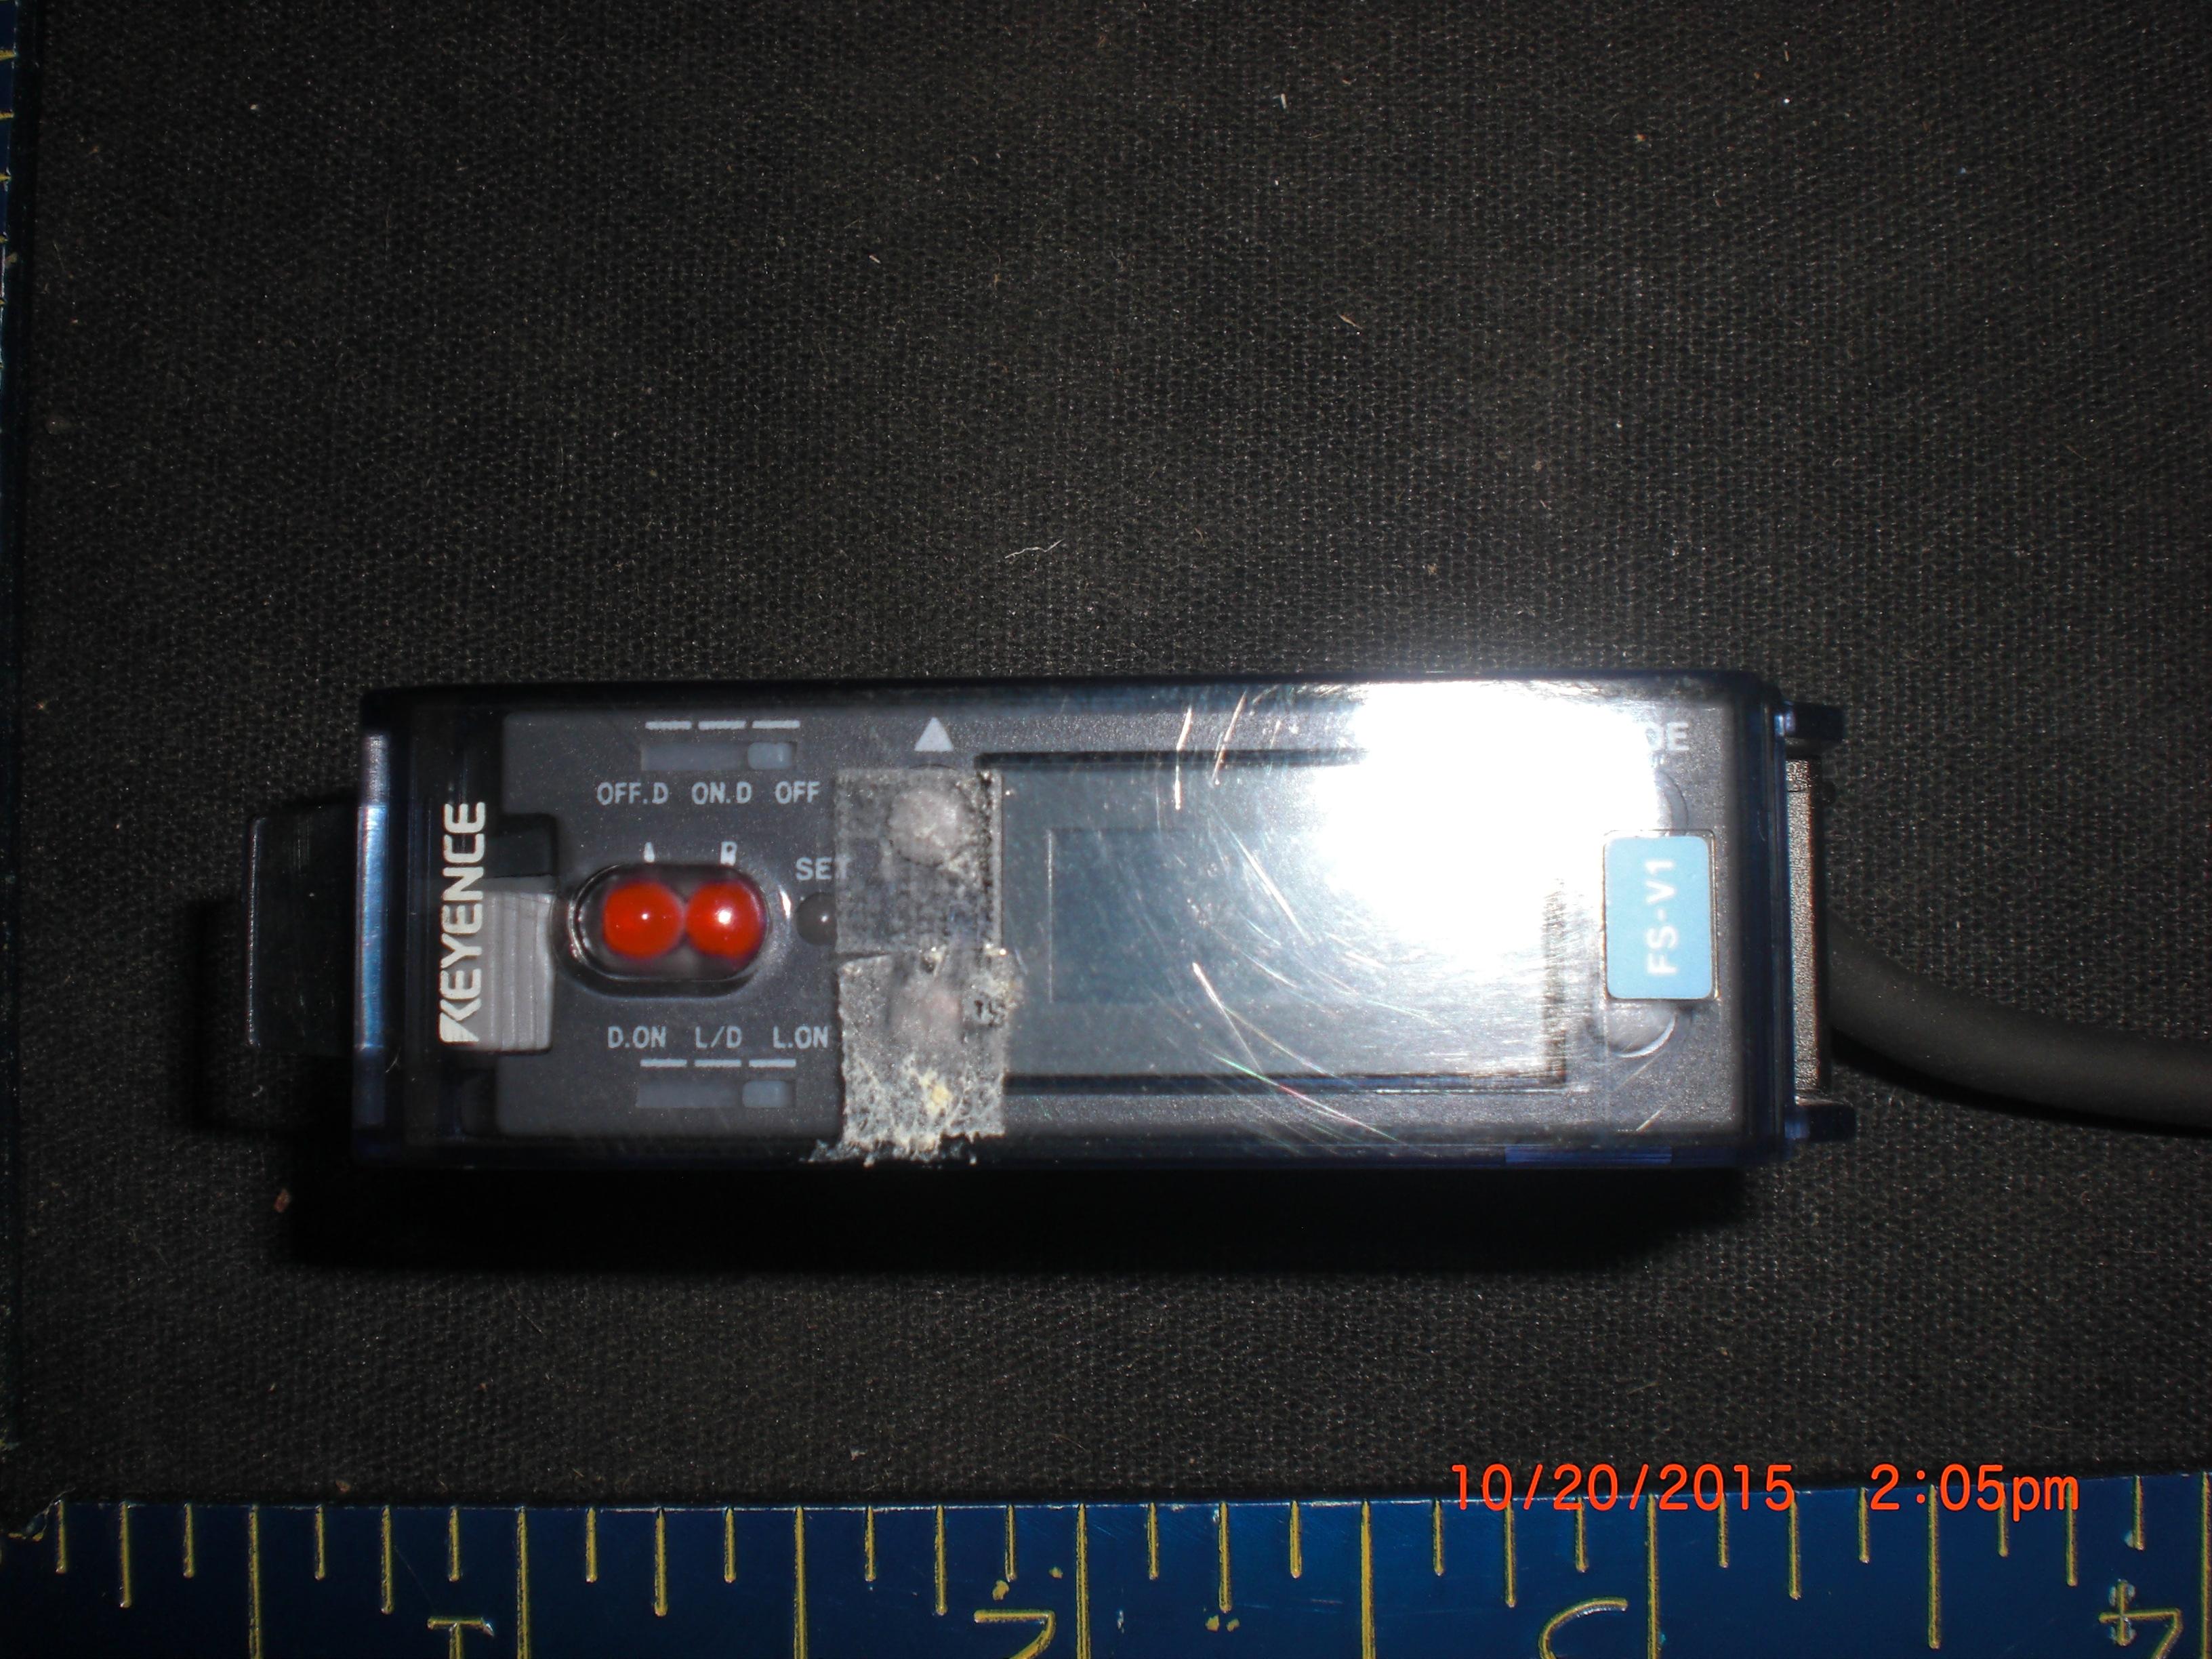 Amplifier KEYENCE FS-V1 DIGITAL FIBER amplifier